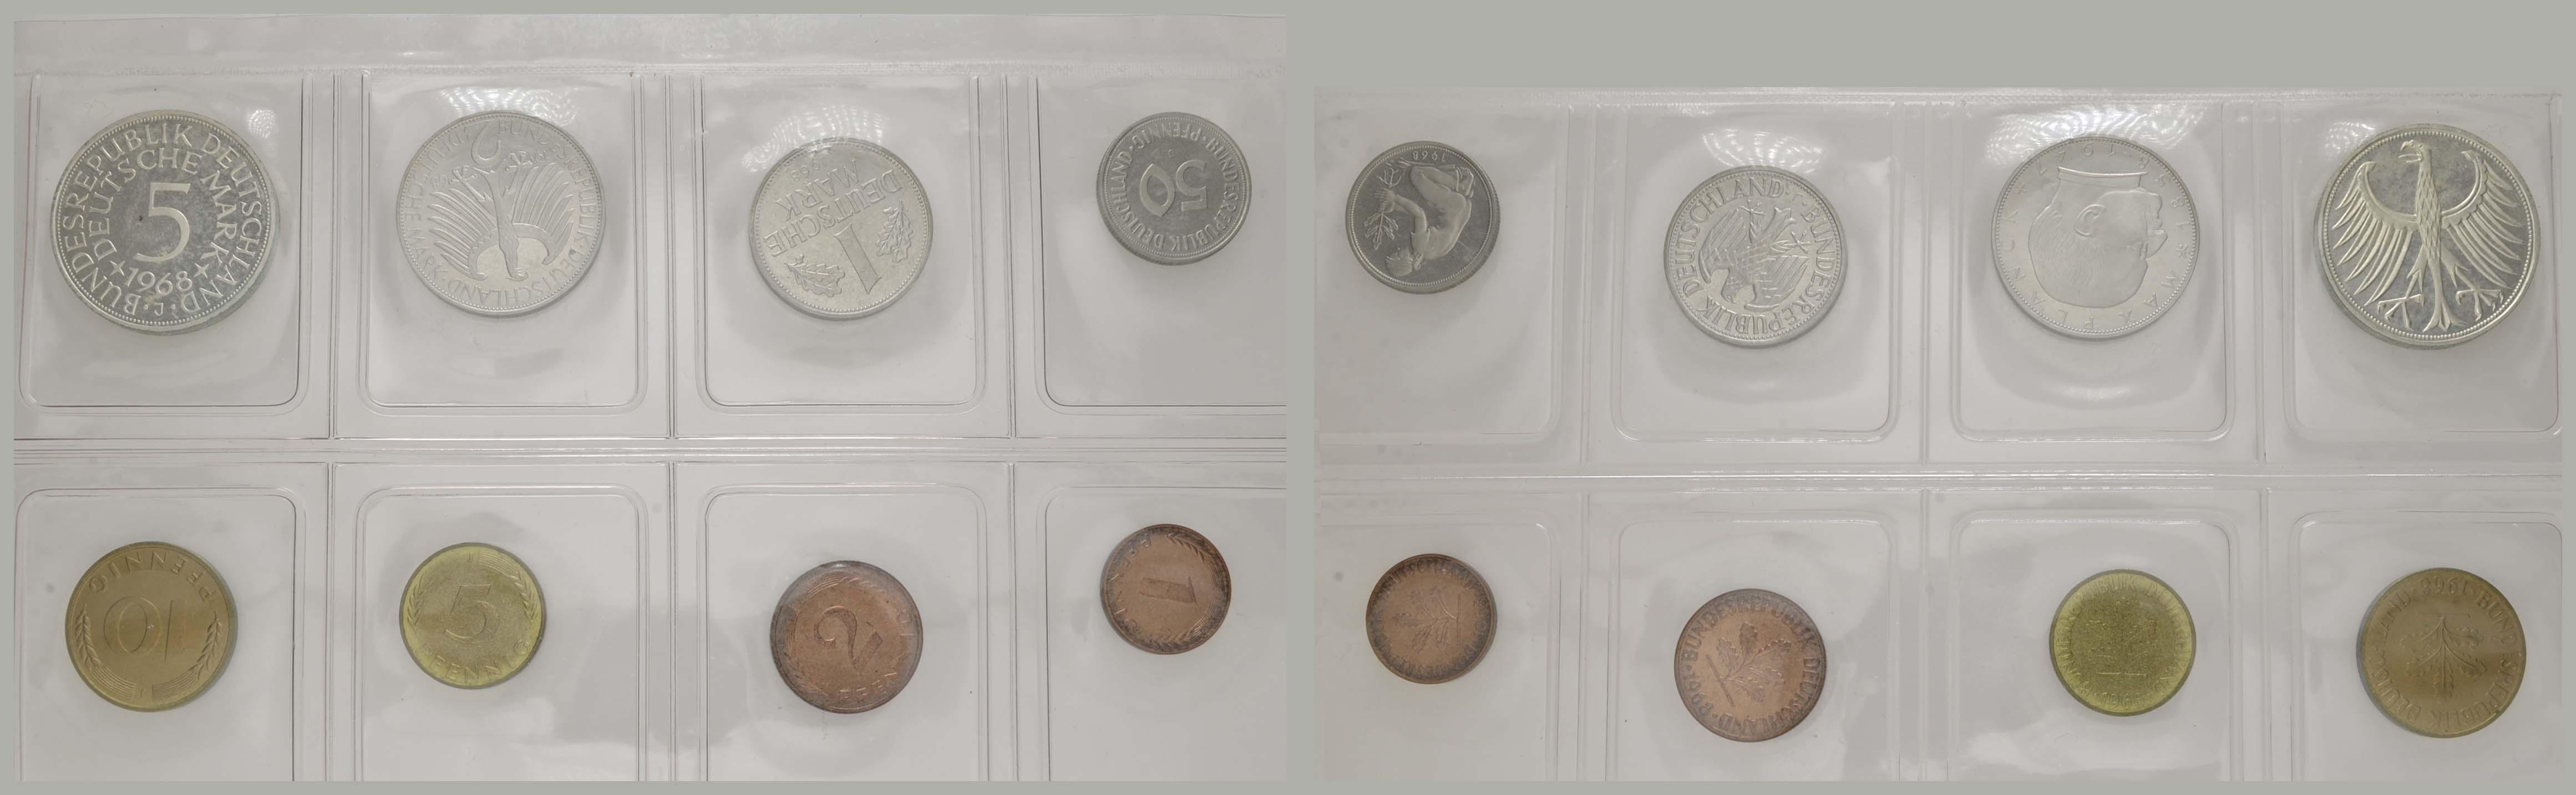 Lot 1114 - deutschland Bundesrepublik (DM) -  Auktionshaus Ulrich Felzmann GmbH & Co. KG Coins single lots